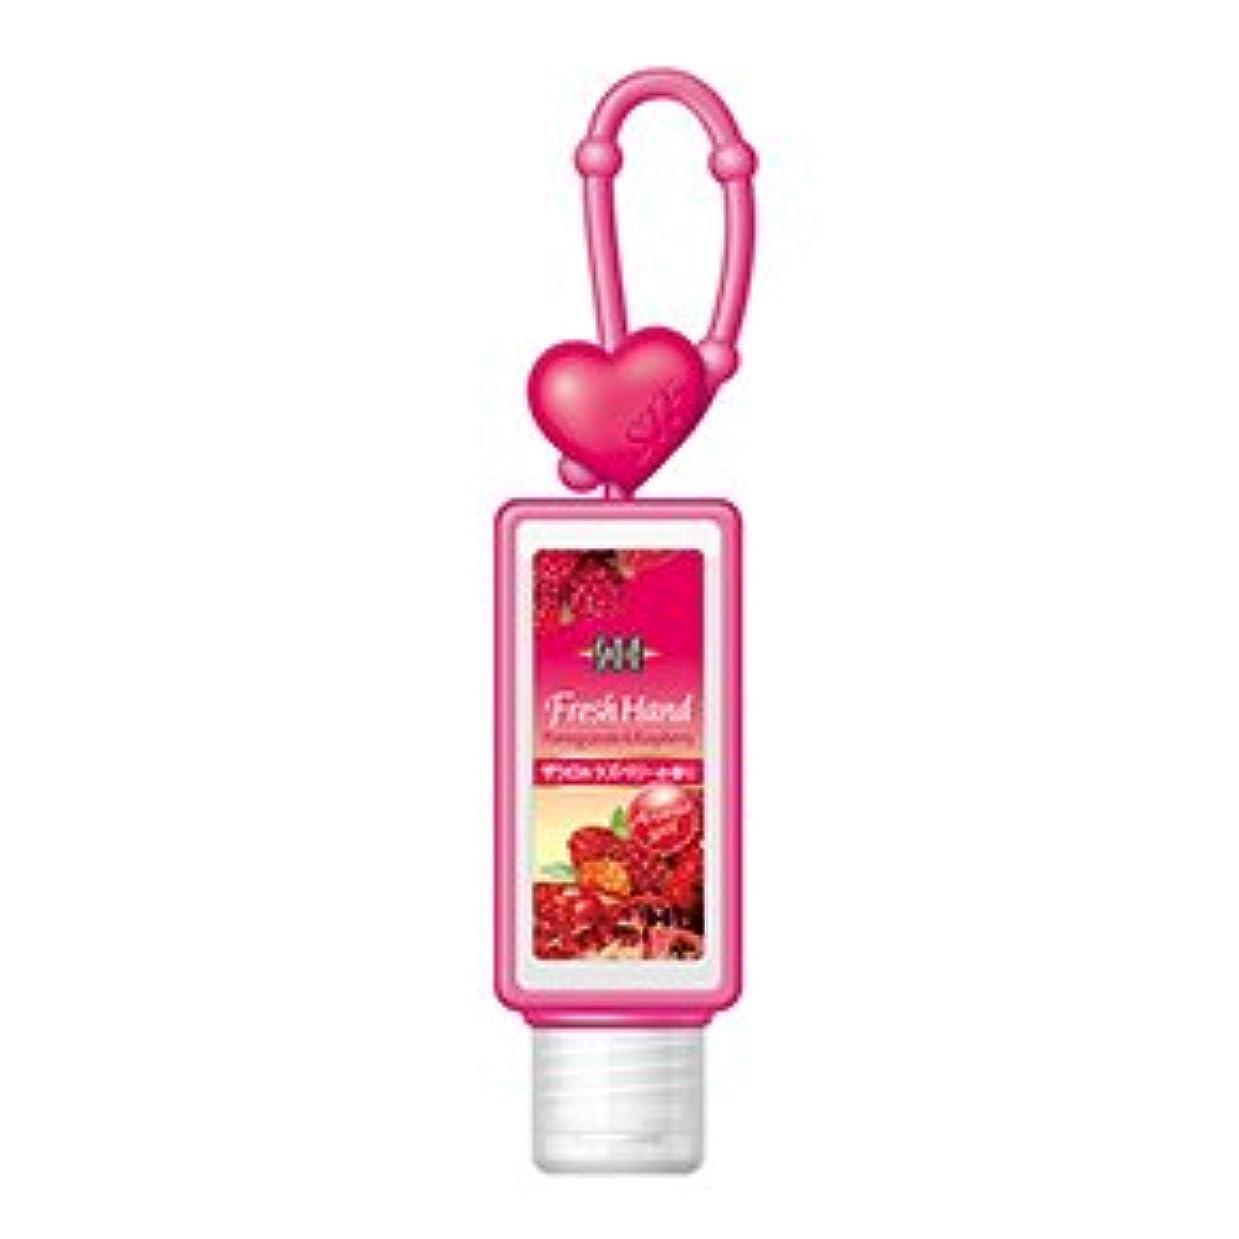 誰がやる悲しむSTF フレッシュハンド ザクロ&ラズベリーの香り 30ml